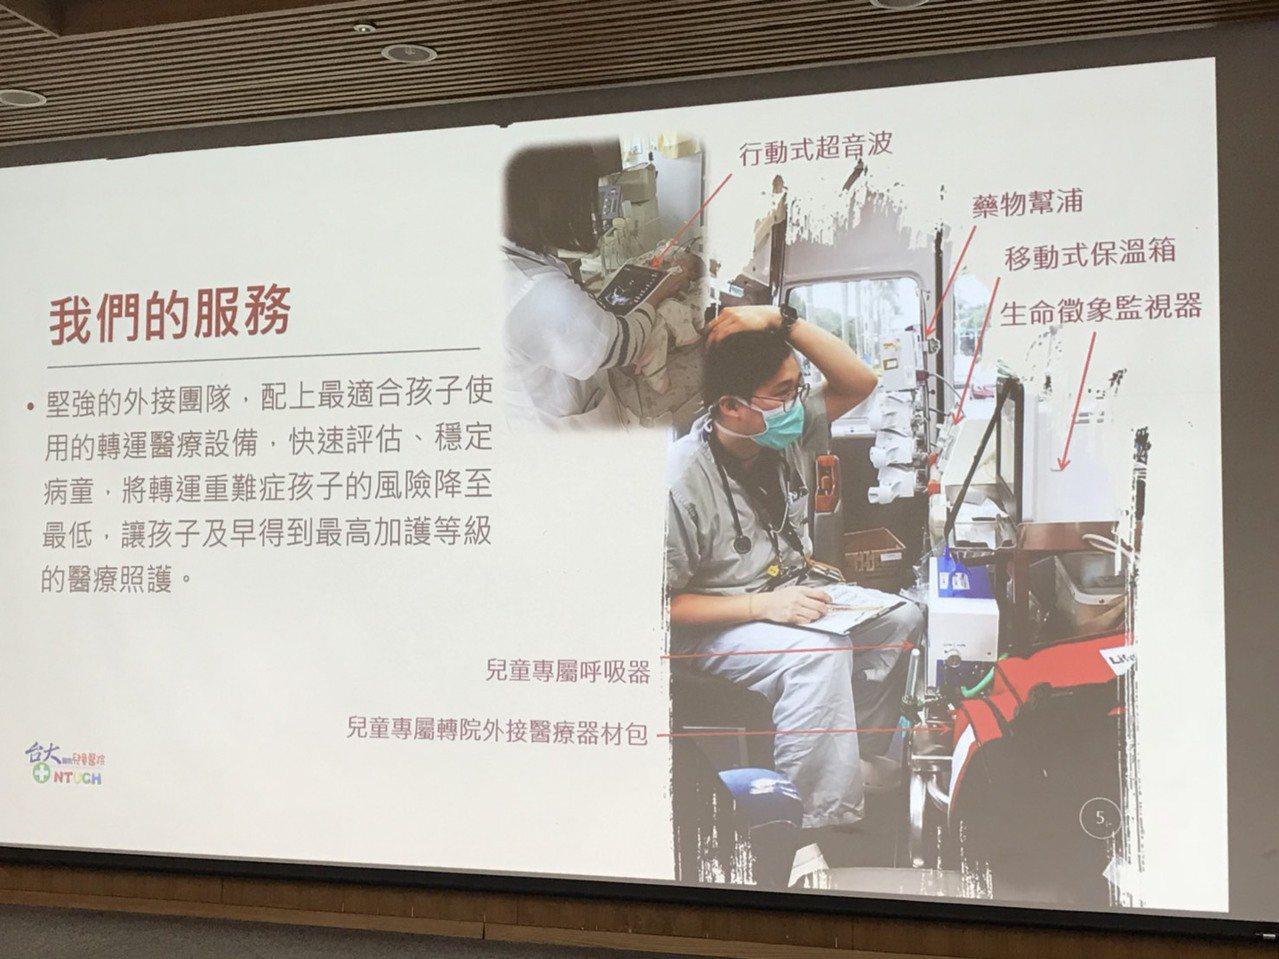 台大醫院兒童醫院成立急重症兒童轉院外接醫療團隊,讓心臟病等重難症病童在轉院外接時...